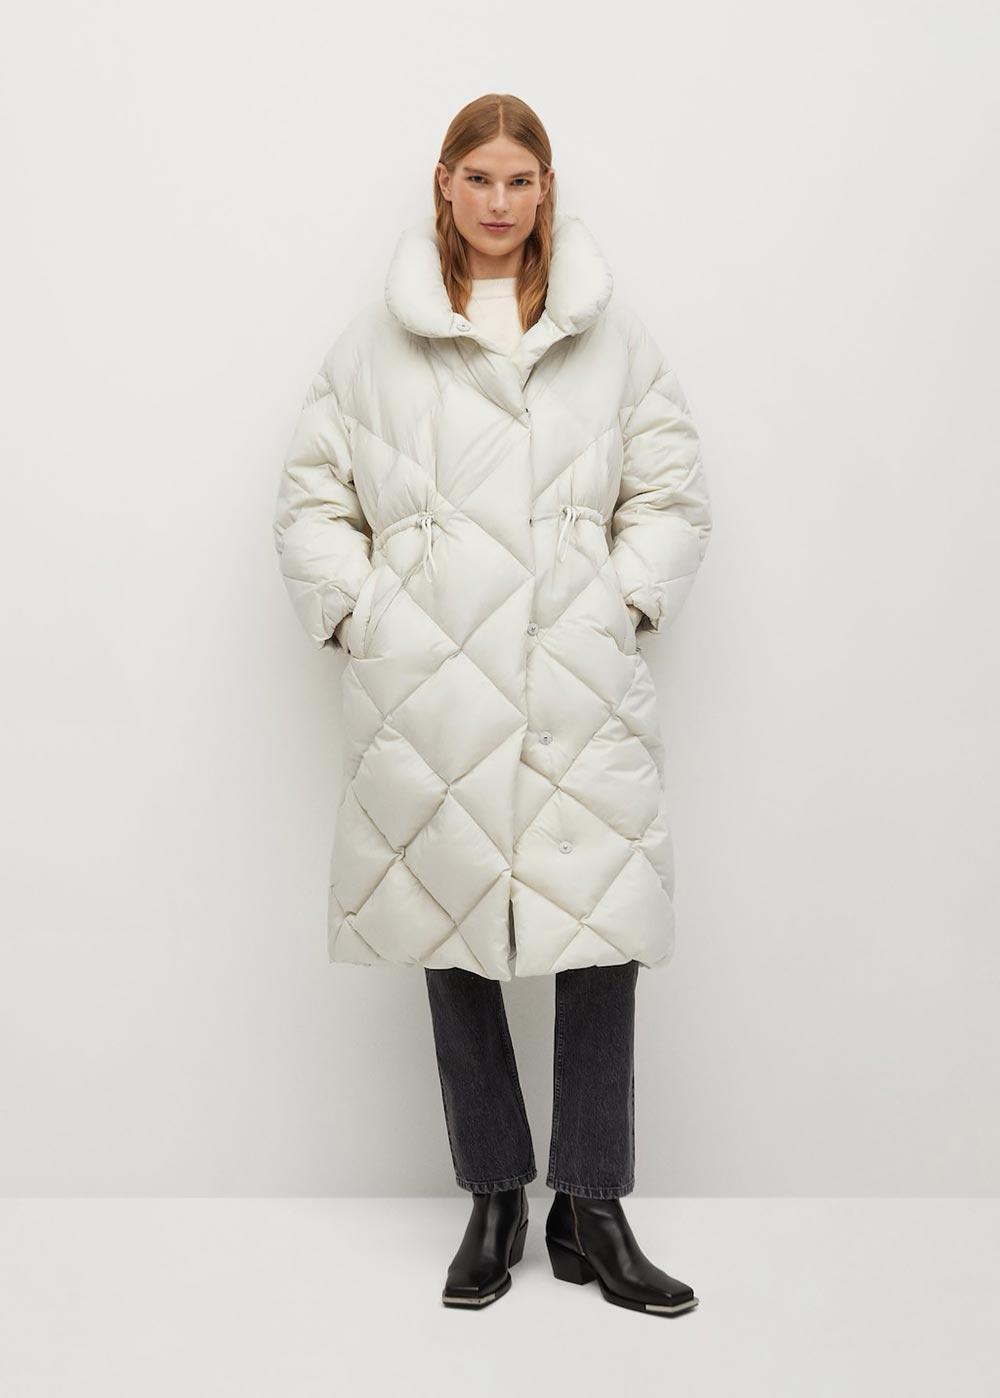 Cách chọn áo khoác phao gọn đẹp, không mập mạp như người Michelin 7